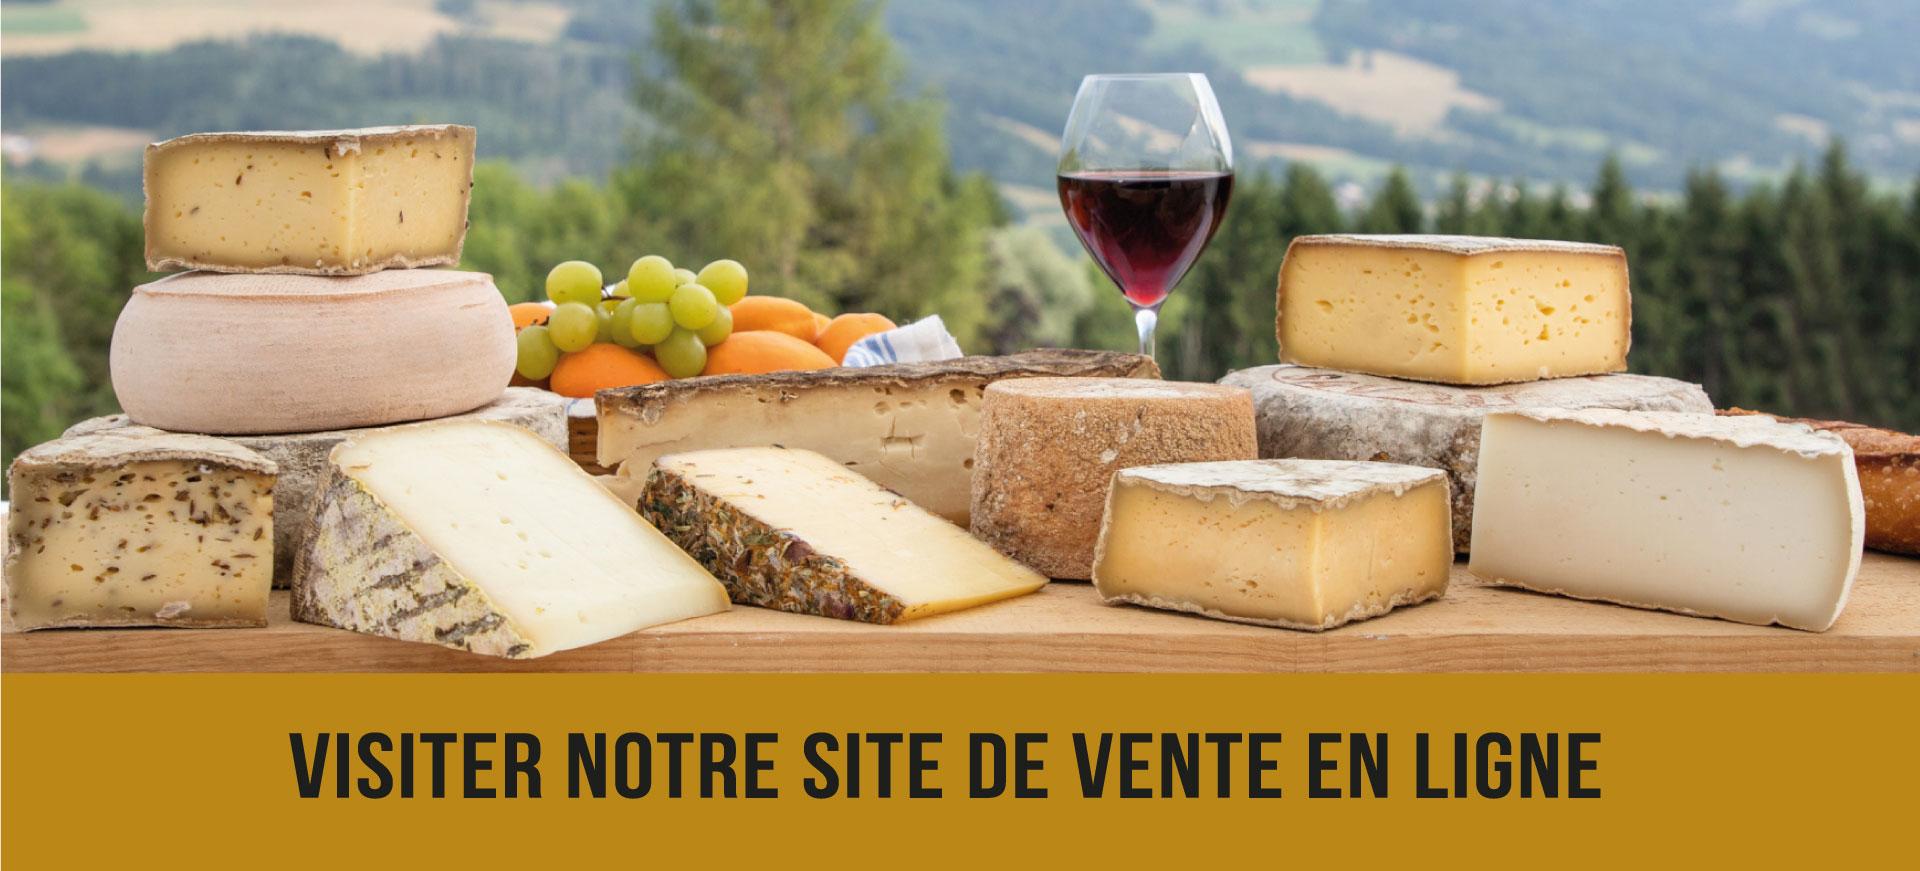 vente en ligne de fromage à dijon